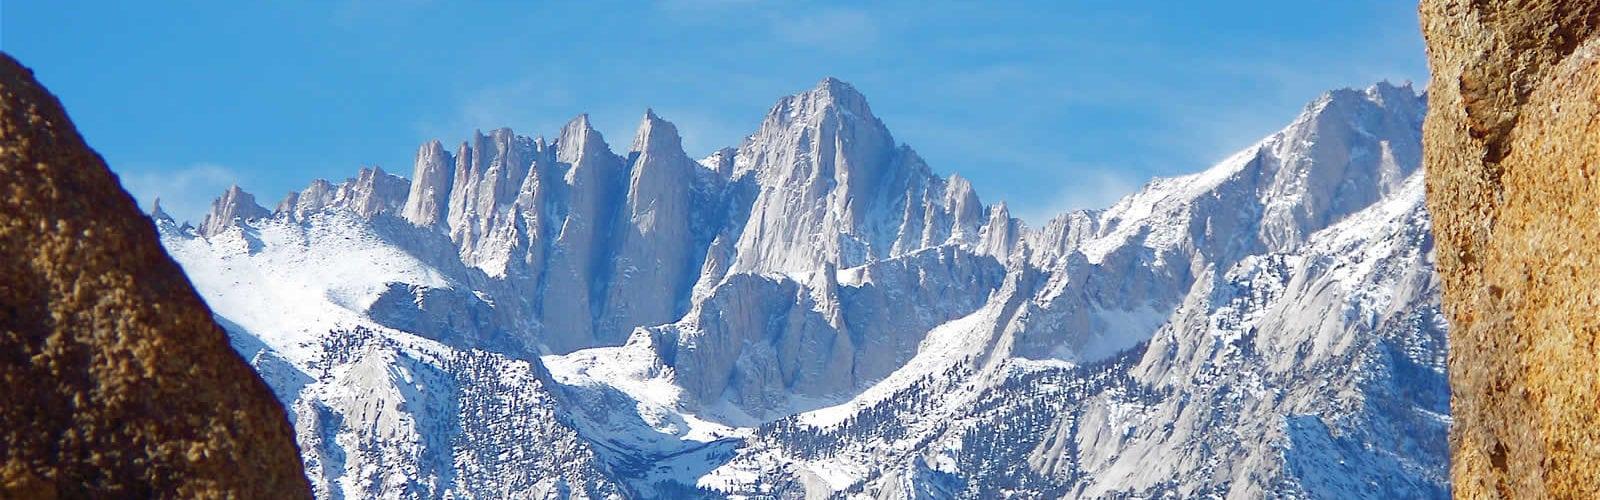 La Sierra Tires >> Le Mont Whitney - Grimper le plus haut sommet de la Sierra Nevada